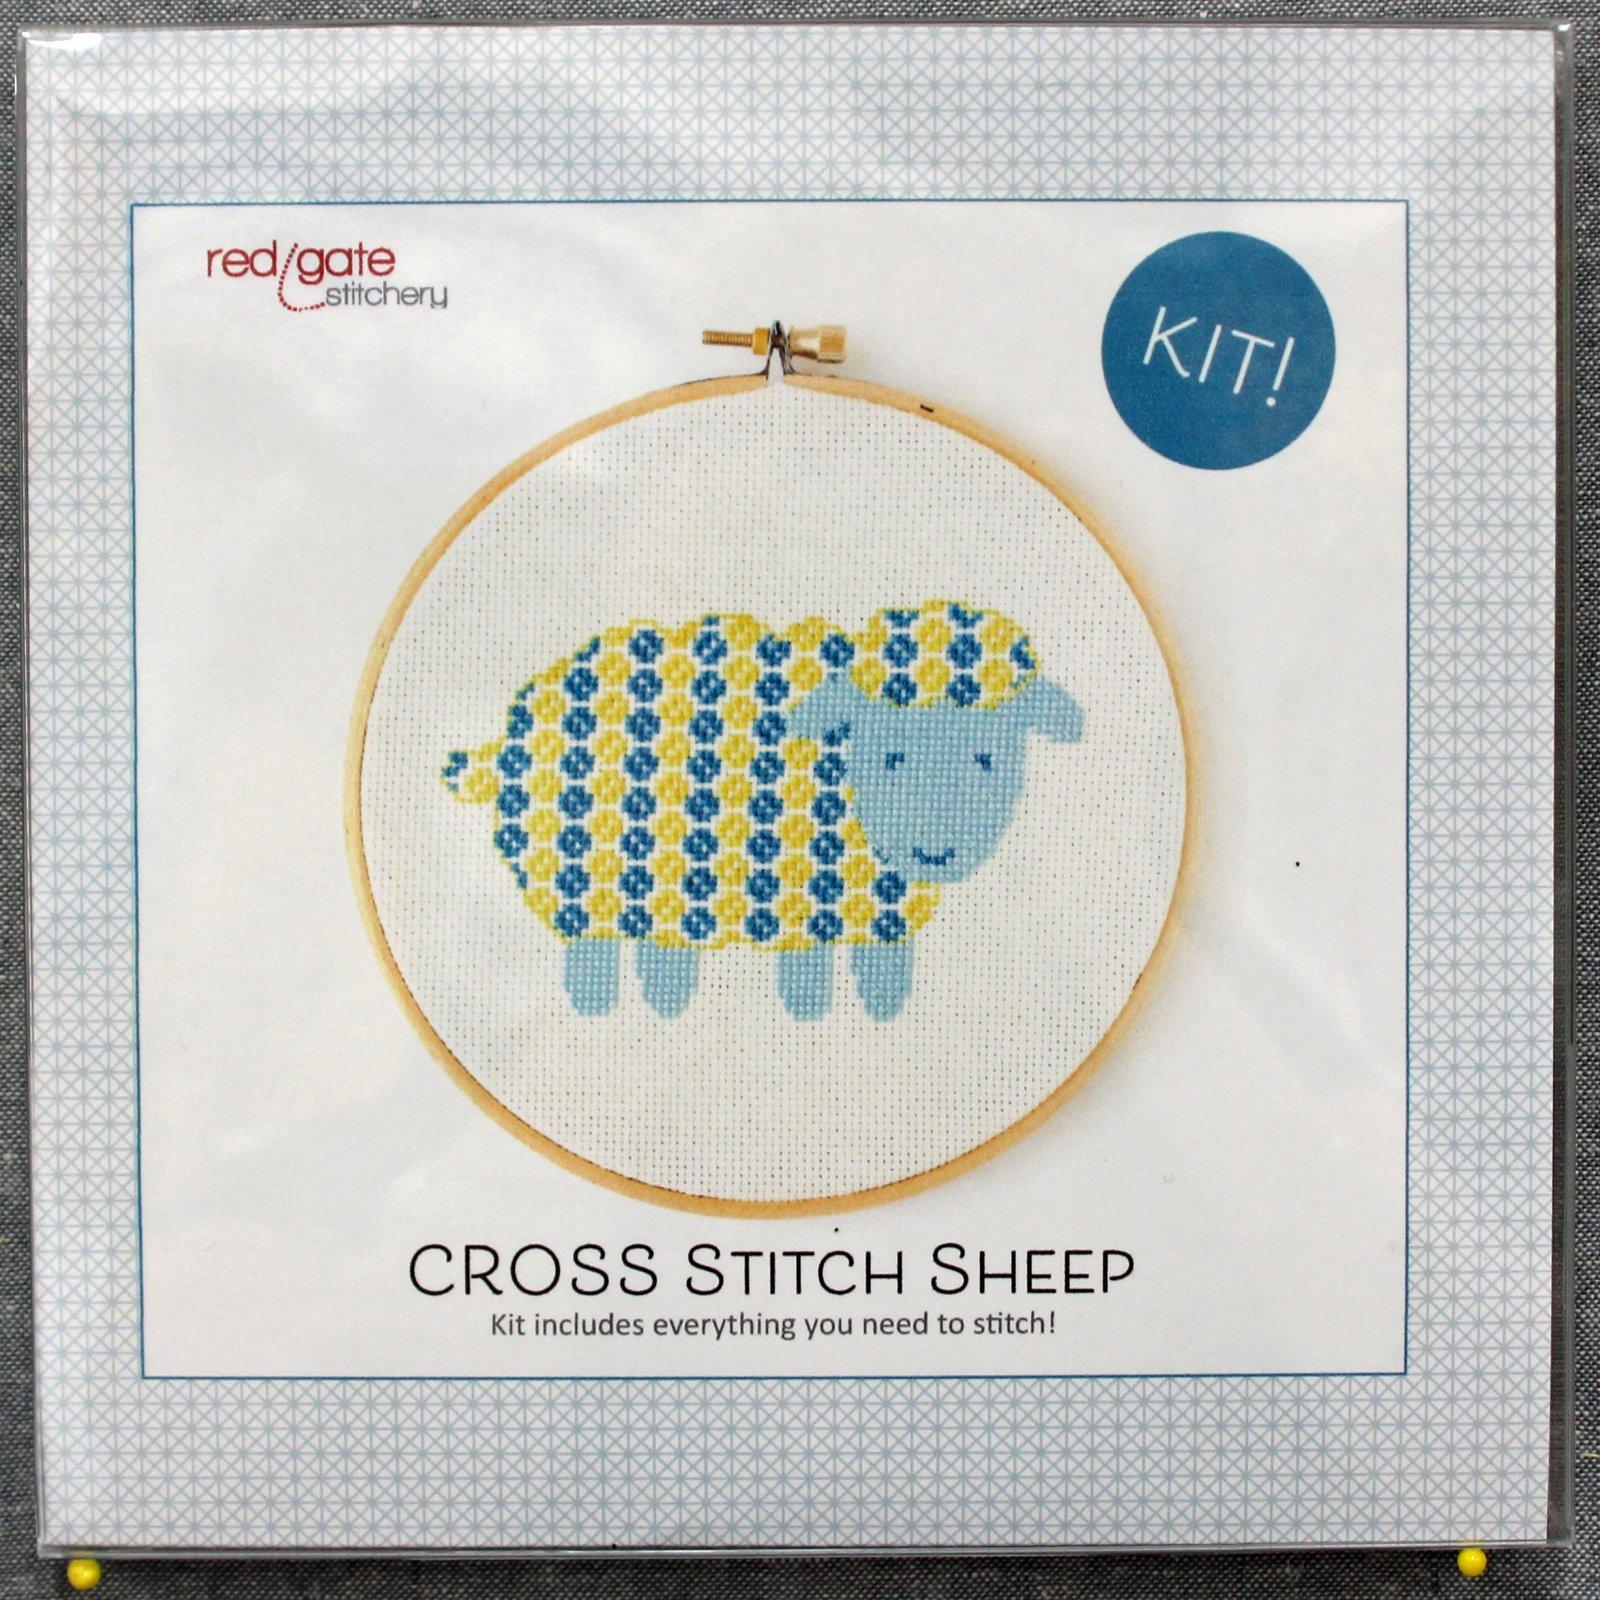 Cross Stitch Sheep Kit